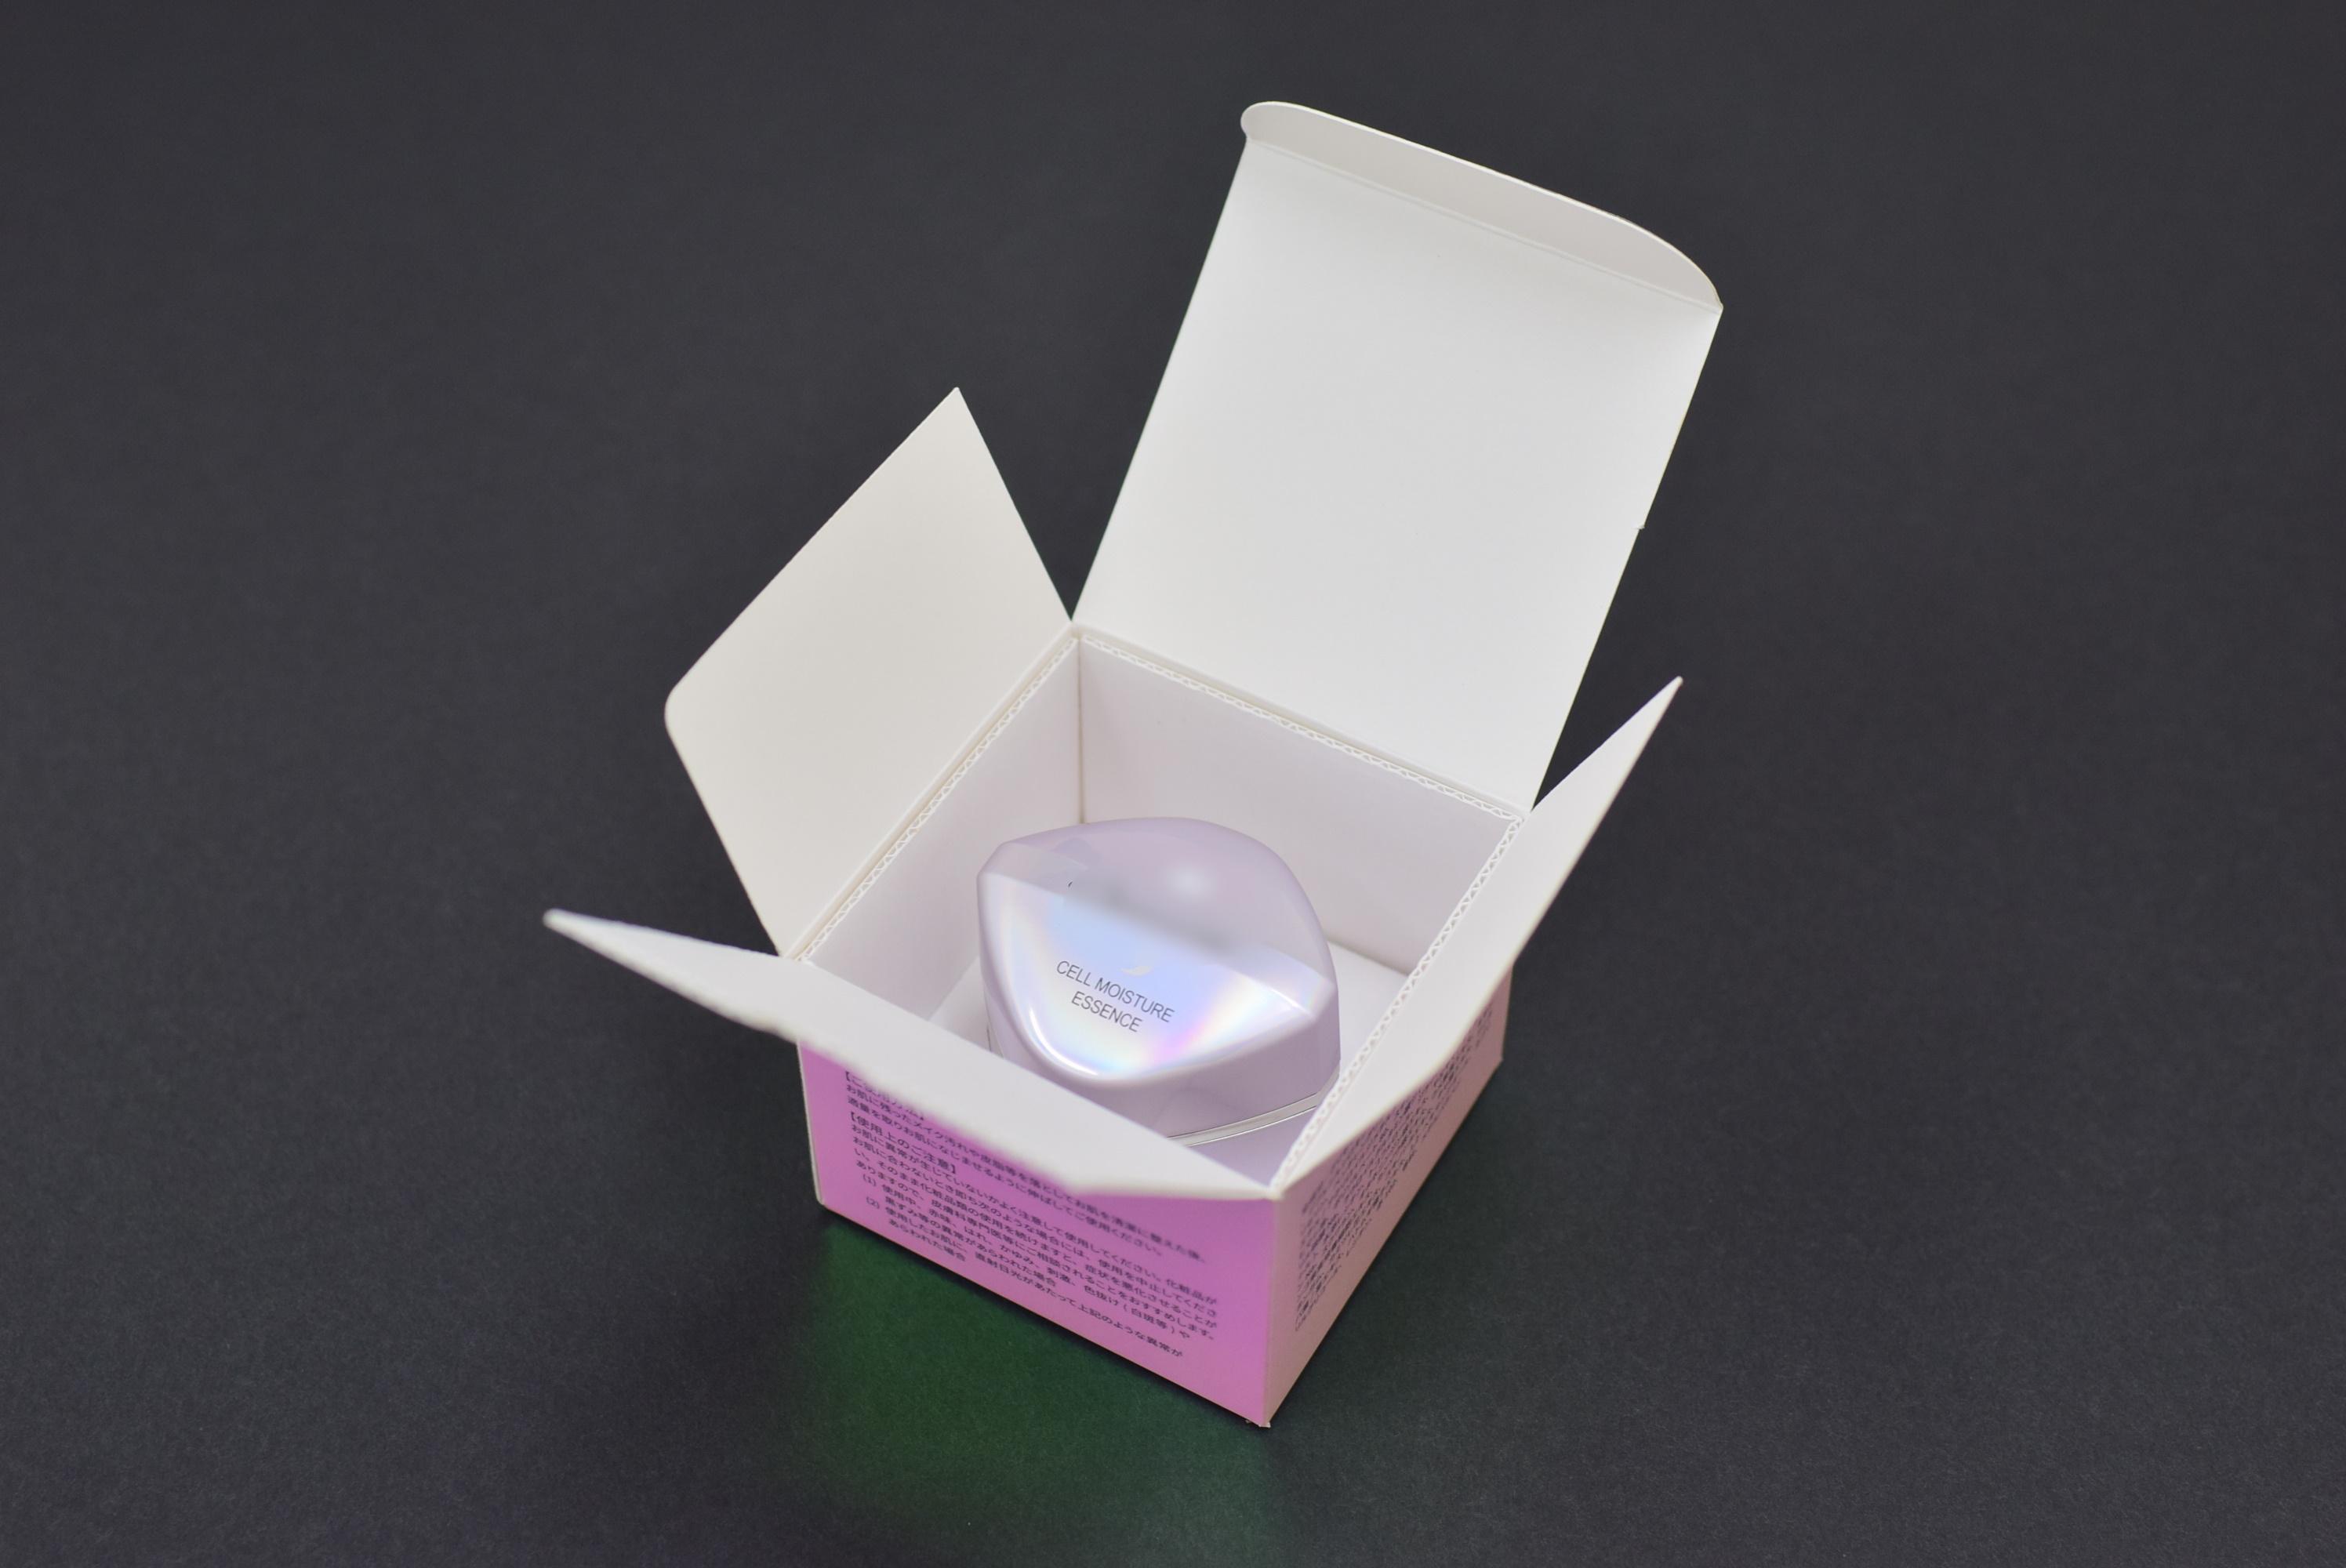 中国向け商品用の化粧箱の制作・企画は、日本向けとは趣向が異なります